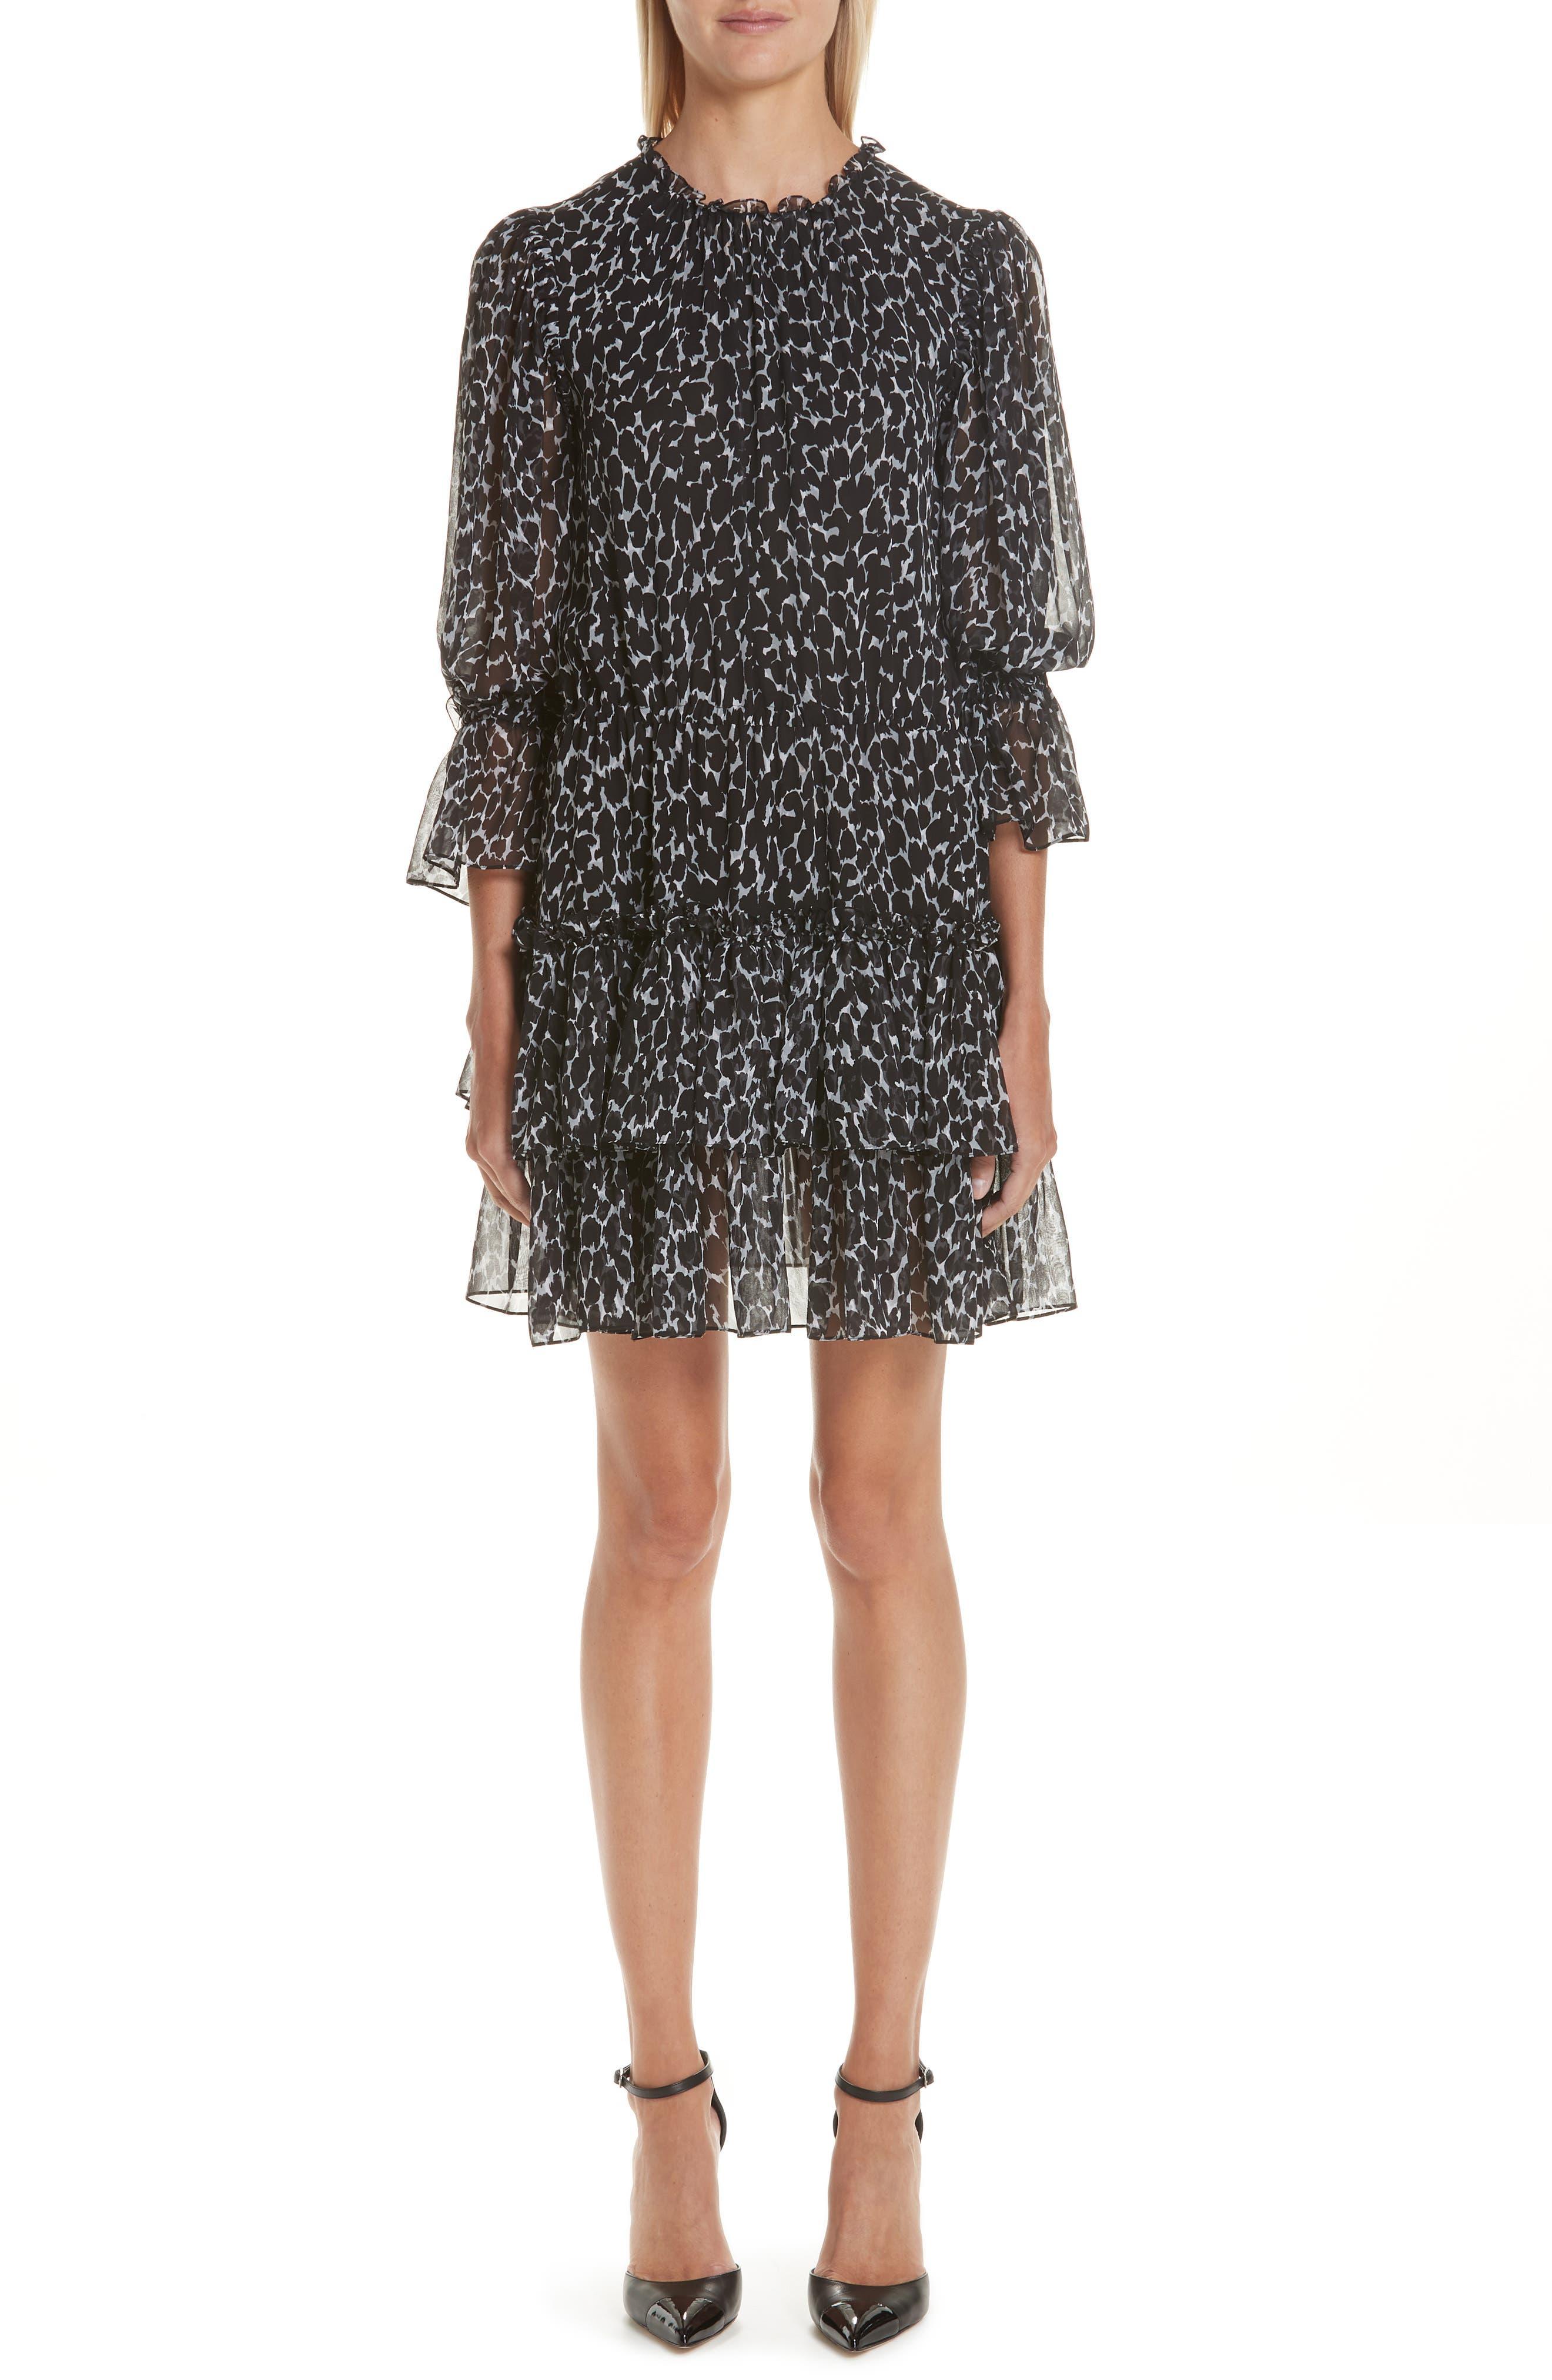 Michael Kors Cheetah Print Tiered Silk Chiffon Minidress, Black